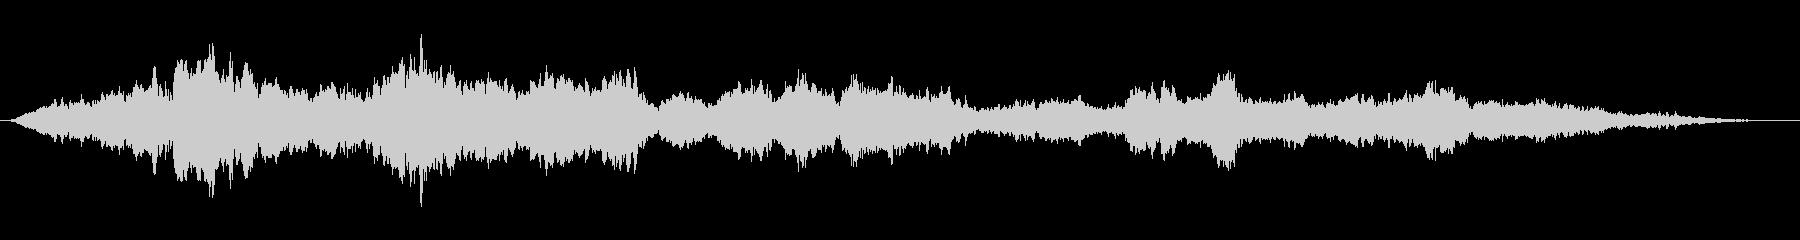 森から聞こえてくる民族的神秘的な歌声02の未再生の波形